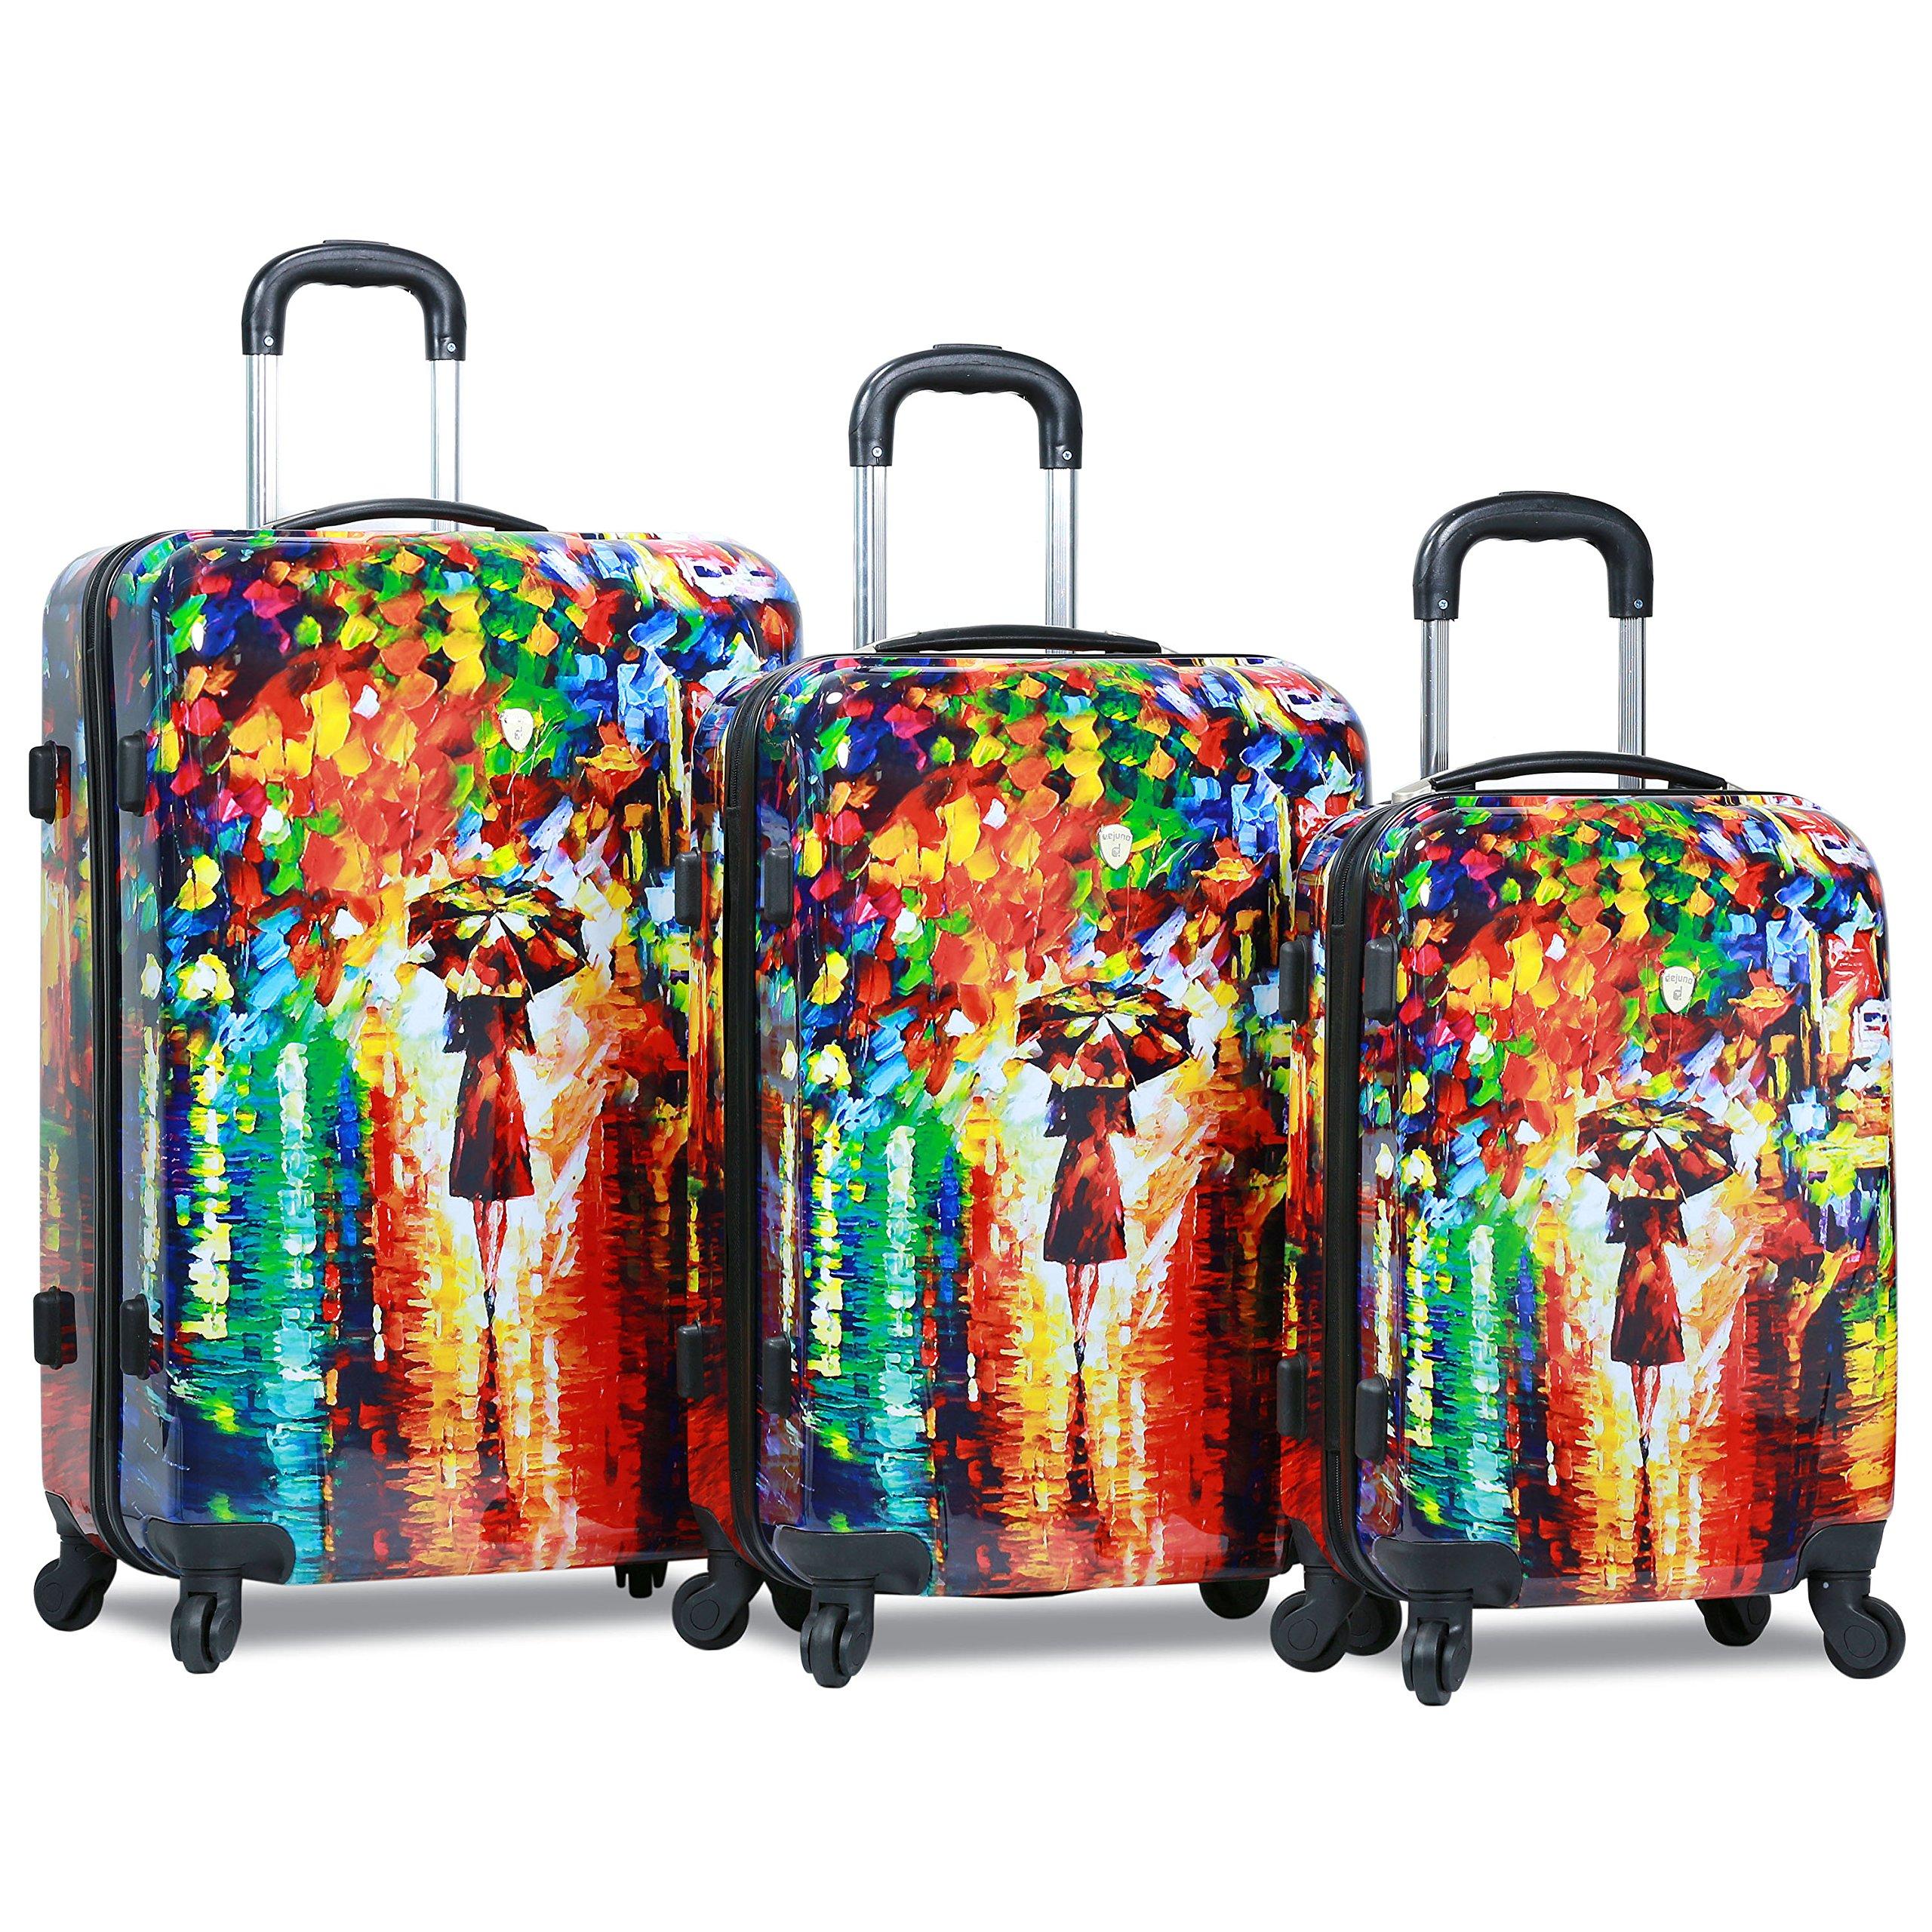 Dejuno 3-Piece Lightweight Hardside Spinner Upright Luggage Set, Parisian Nights